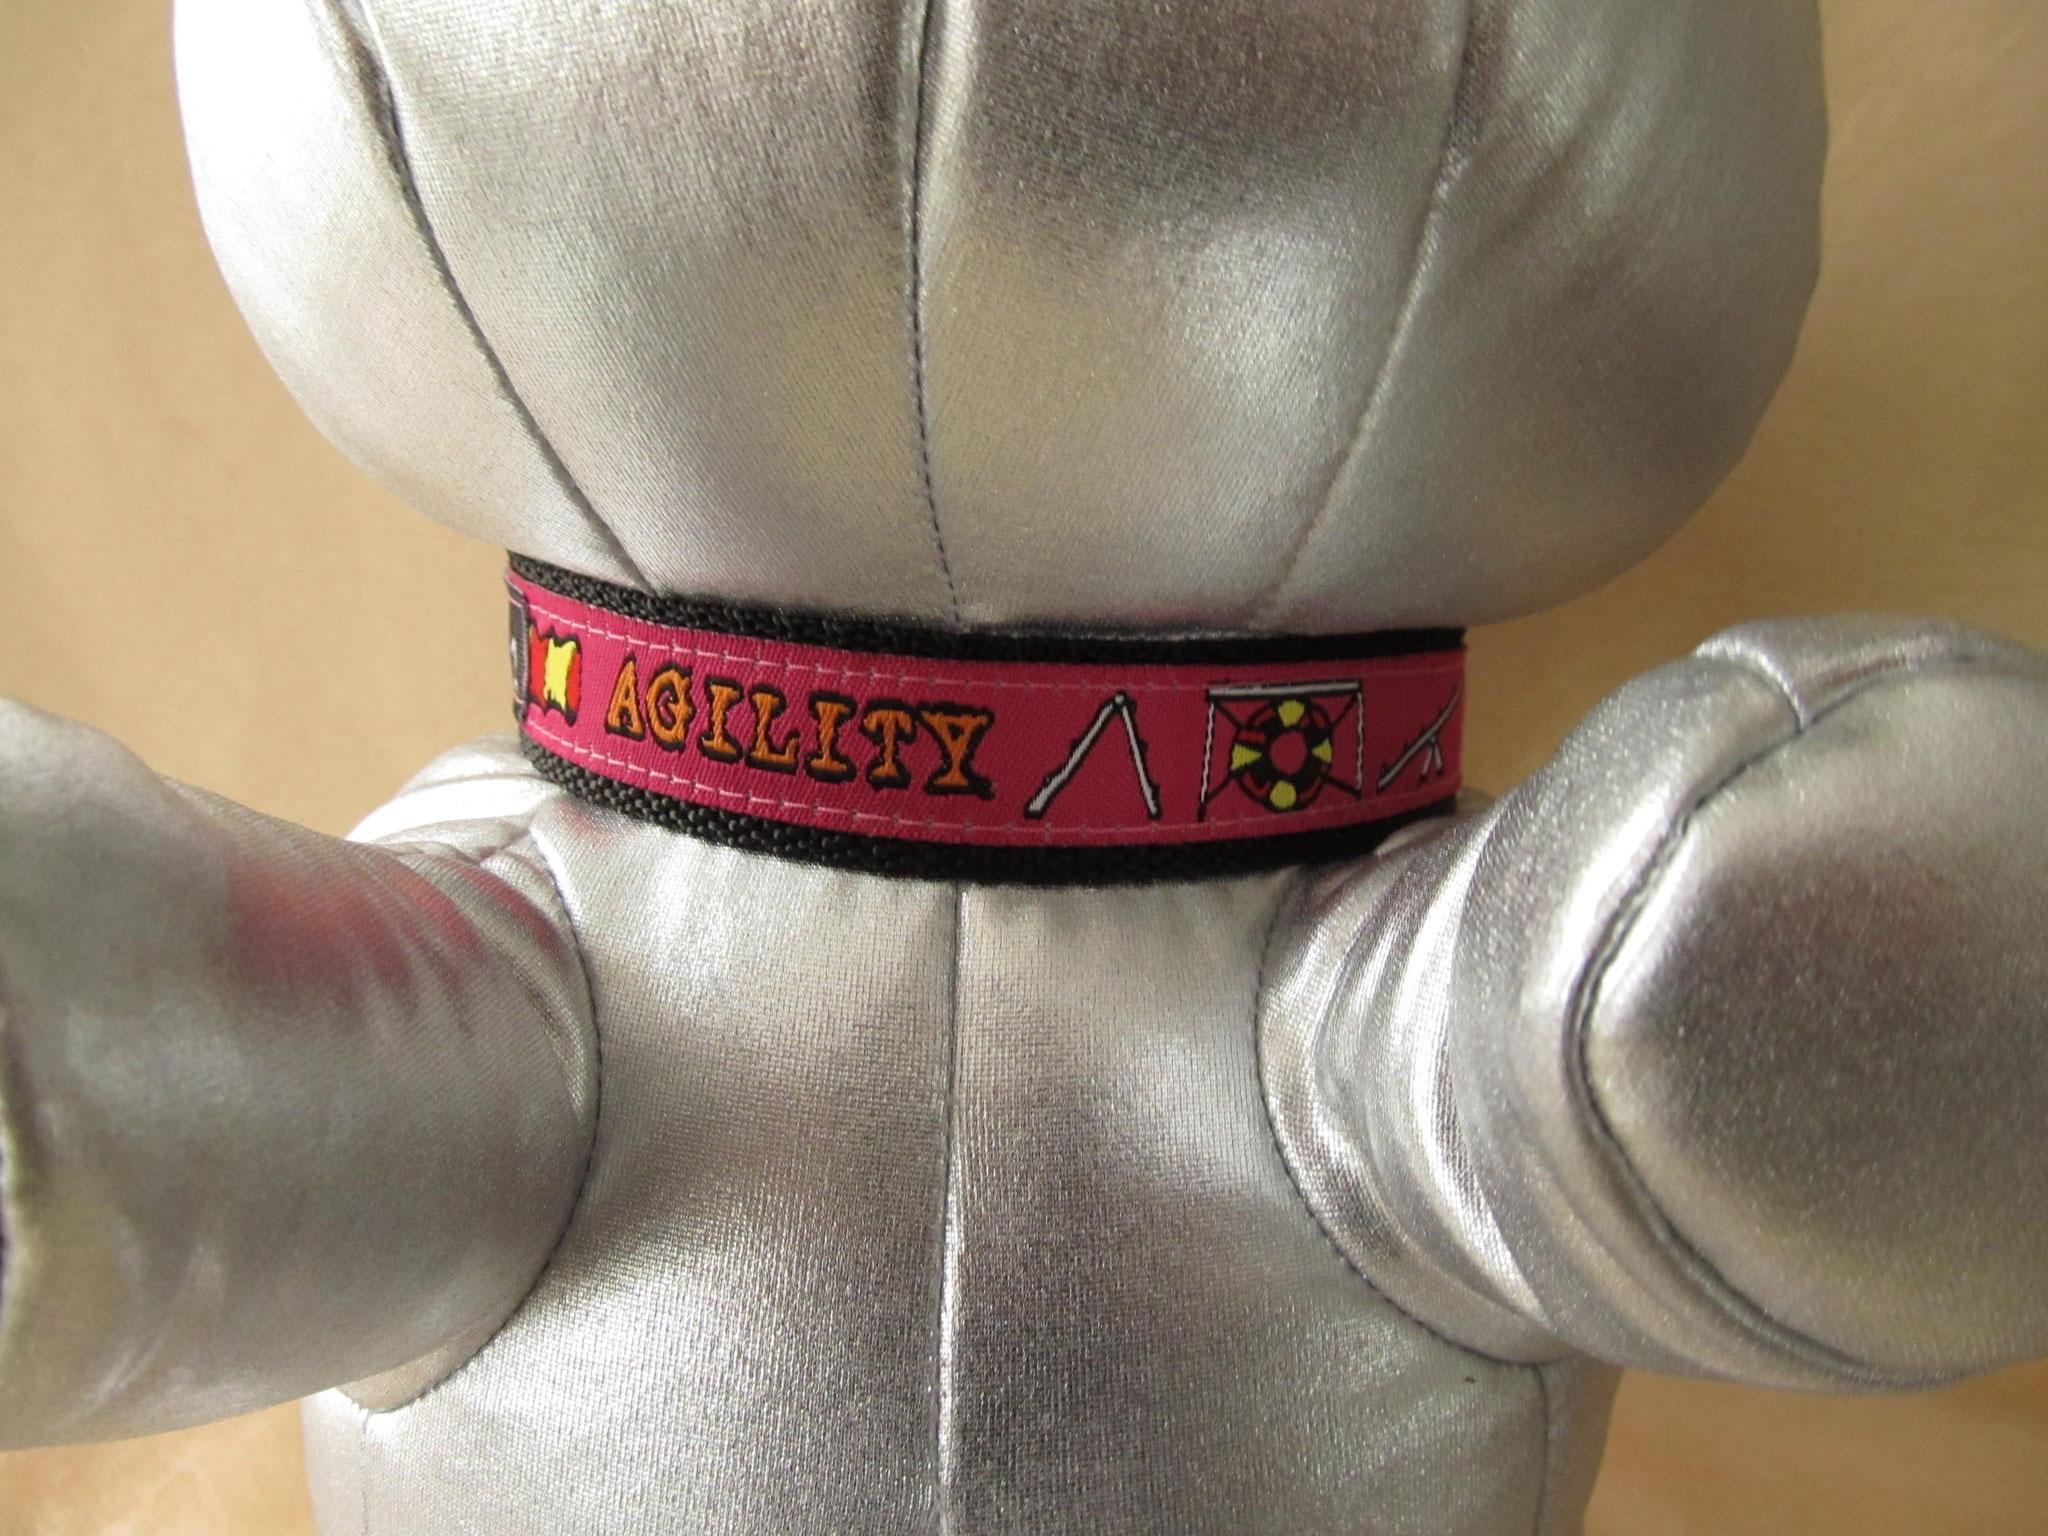 Halsband mit Agility-Aufdruck, Breite 2 cm, Halsumfang 36 cm, Preis 24,00 €